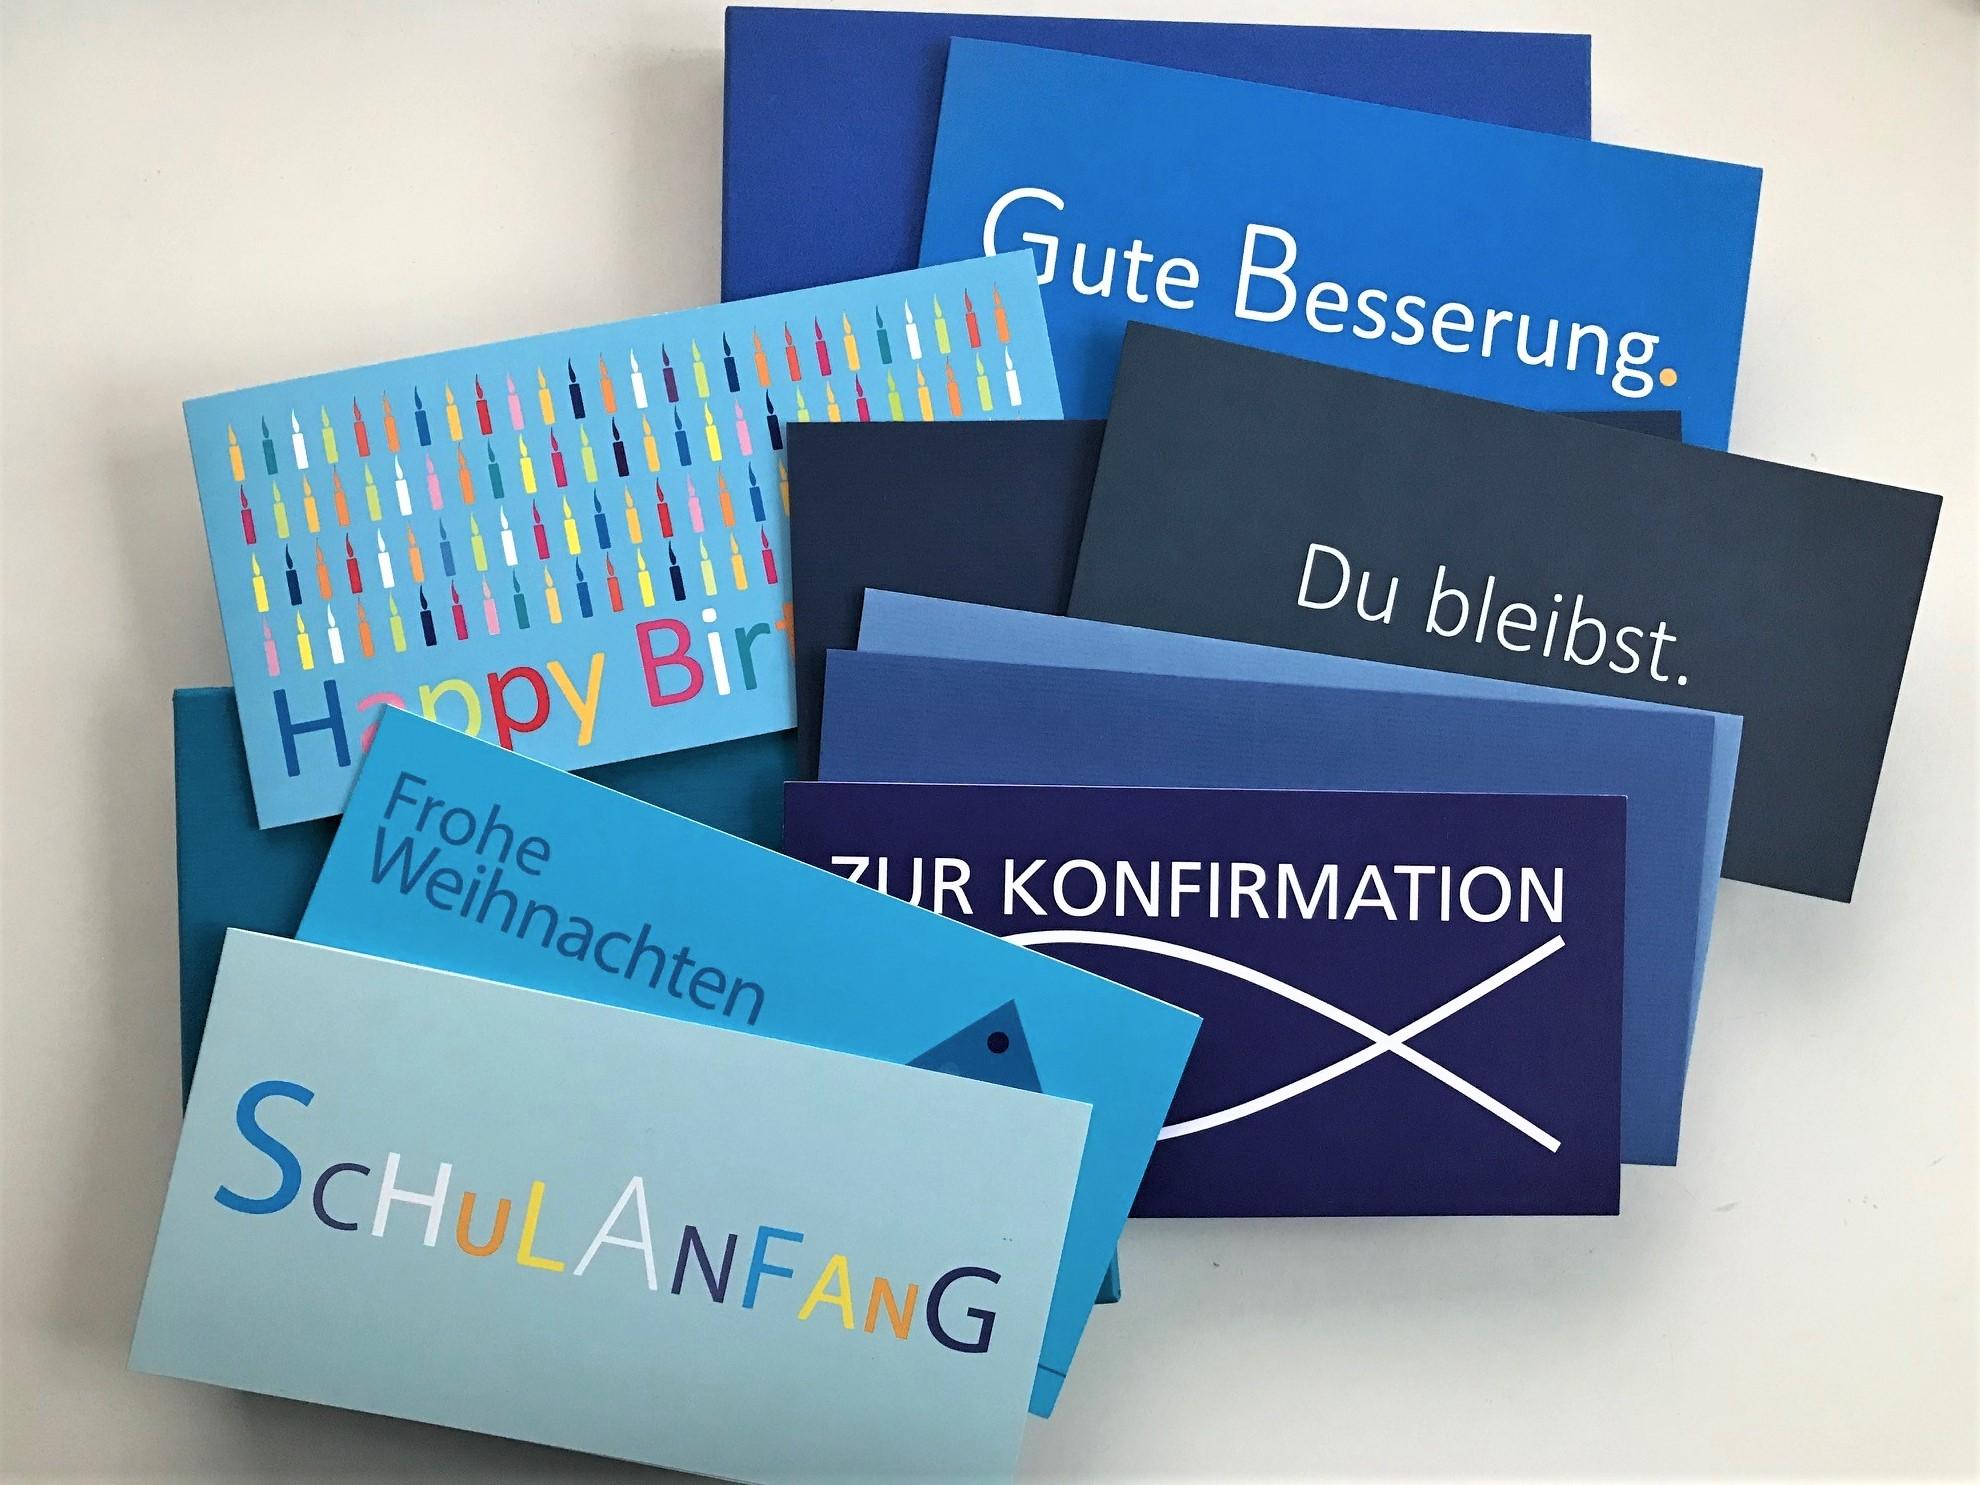 Grusskarten-und-Papeteria-in-der-Lieblingsfarbe-blau_grusskarten-design6fjdNH2cZGgiR